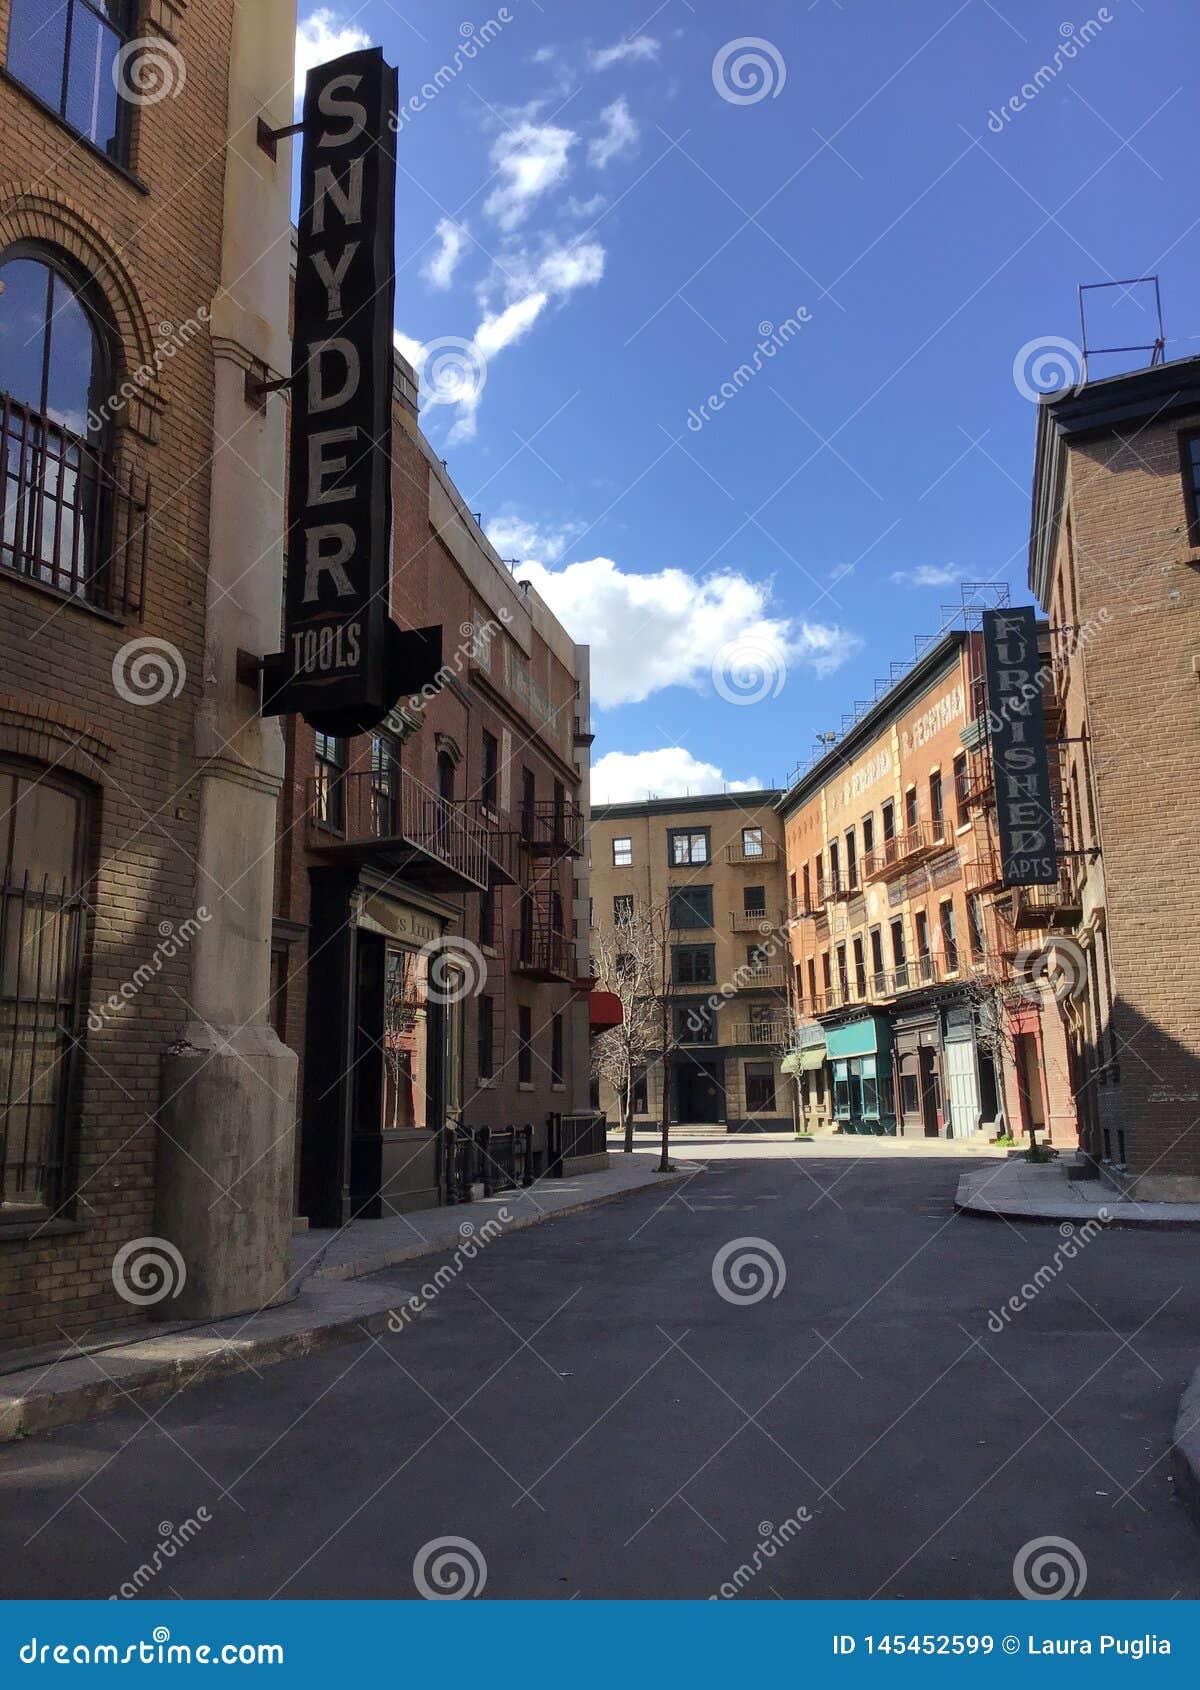 Dit is een streetview die op een studiopartij wordt gevestigd die een historische stad simuleren plaatsend zoals de Stad van New